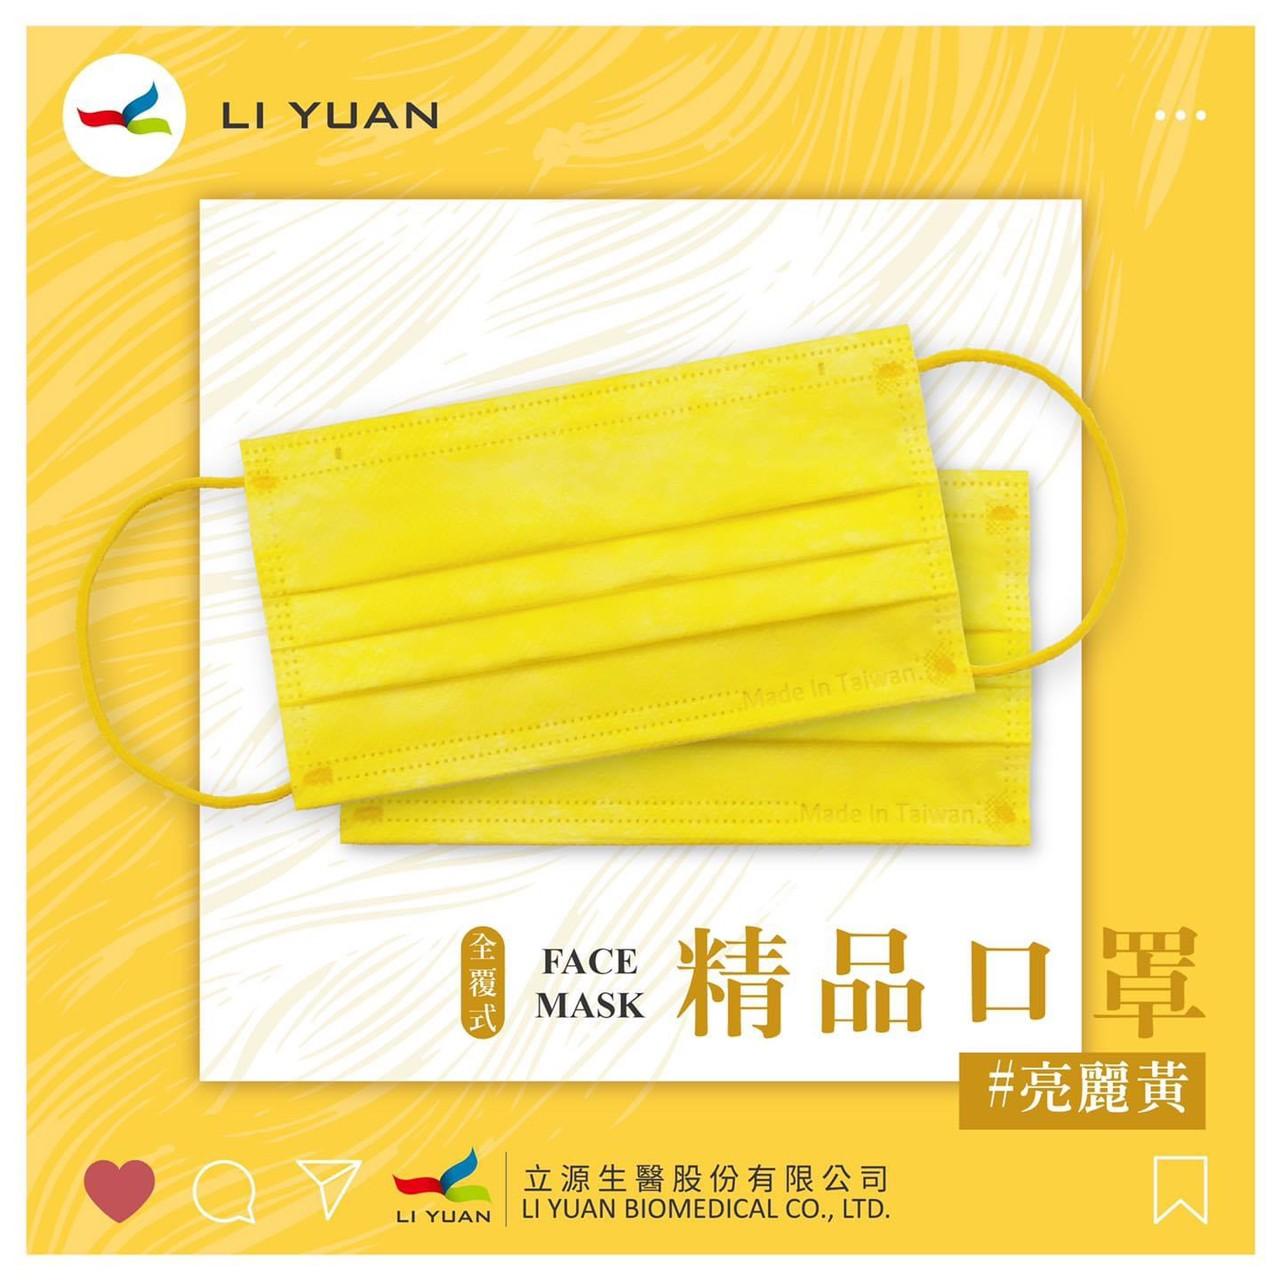 台灣製口罩 造型口罩 黃色 香檳黃 淺色口罩